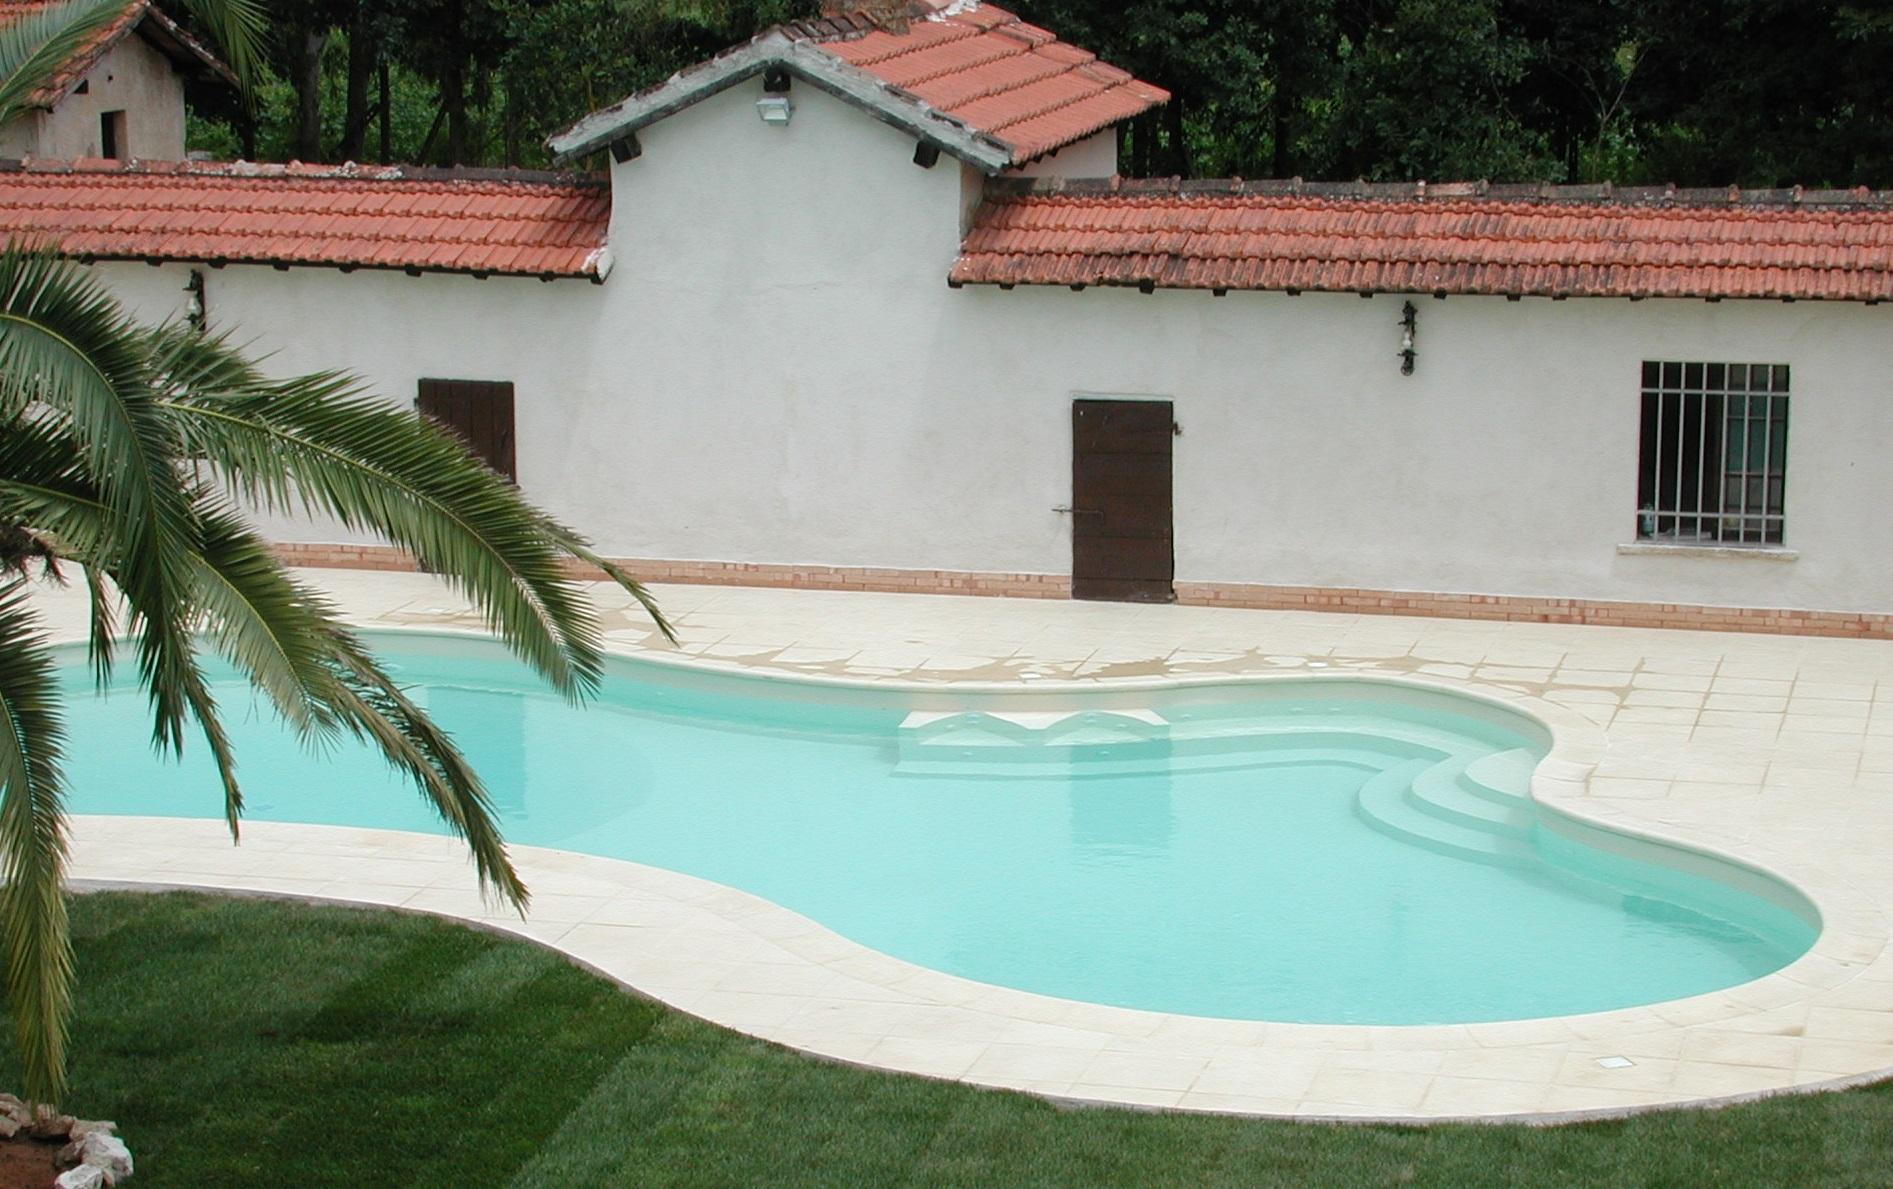 Piscina personalizzata   vendita installazione piscine a roma e latina